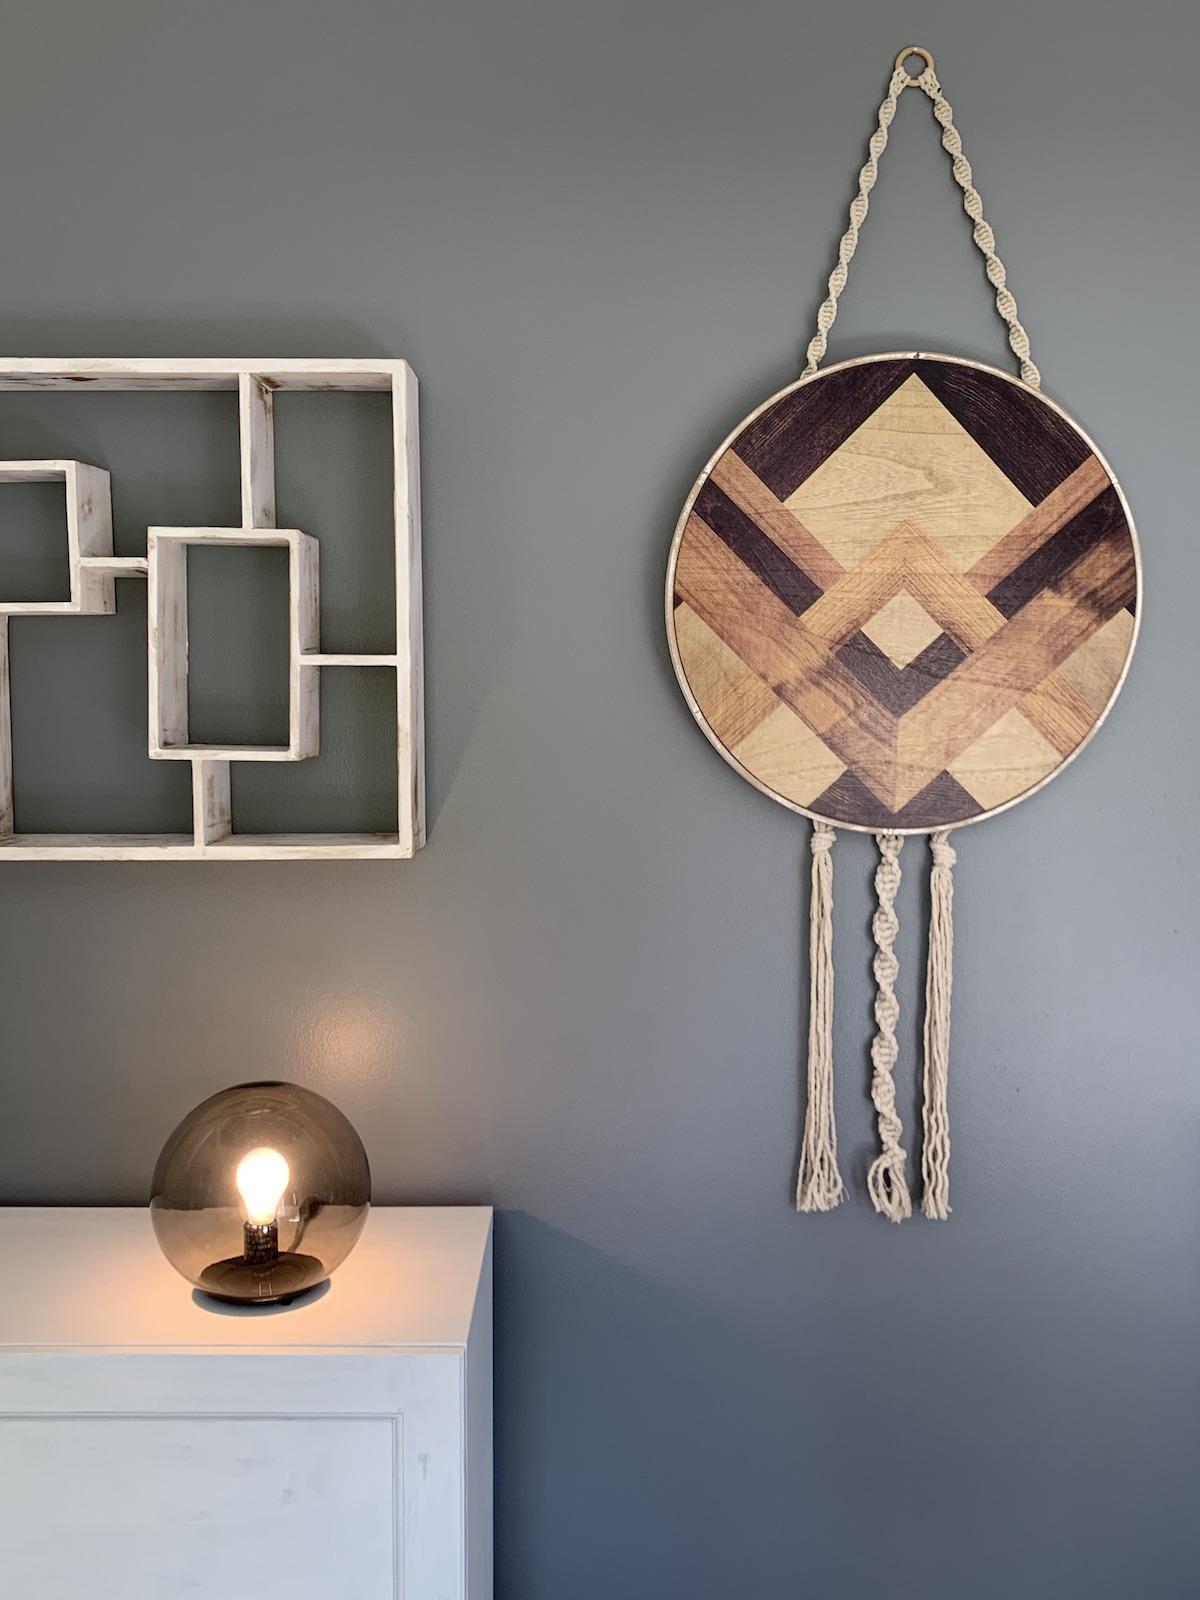 globe light with maze shelf and boho wall hanging